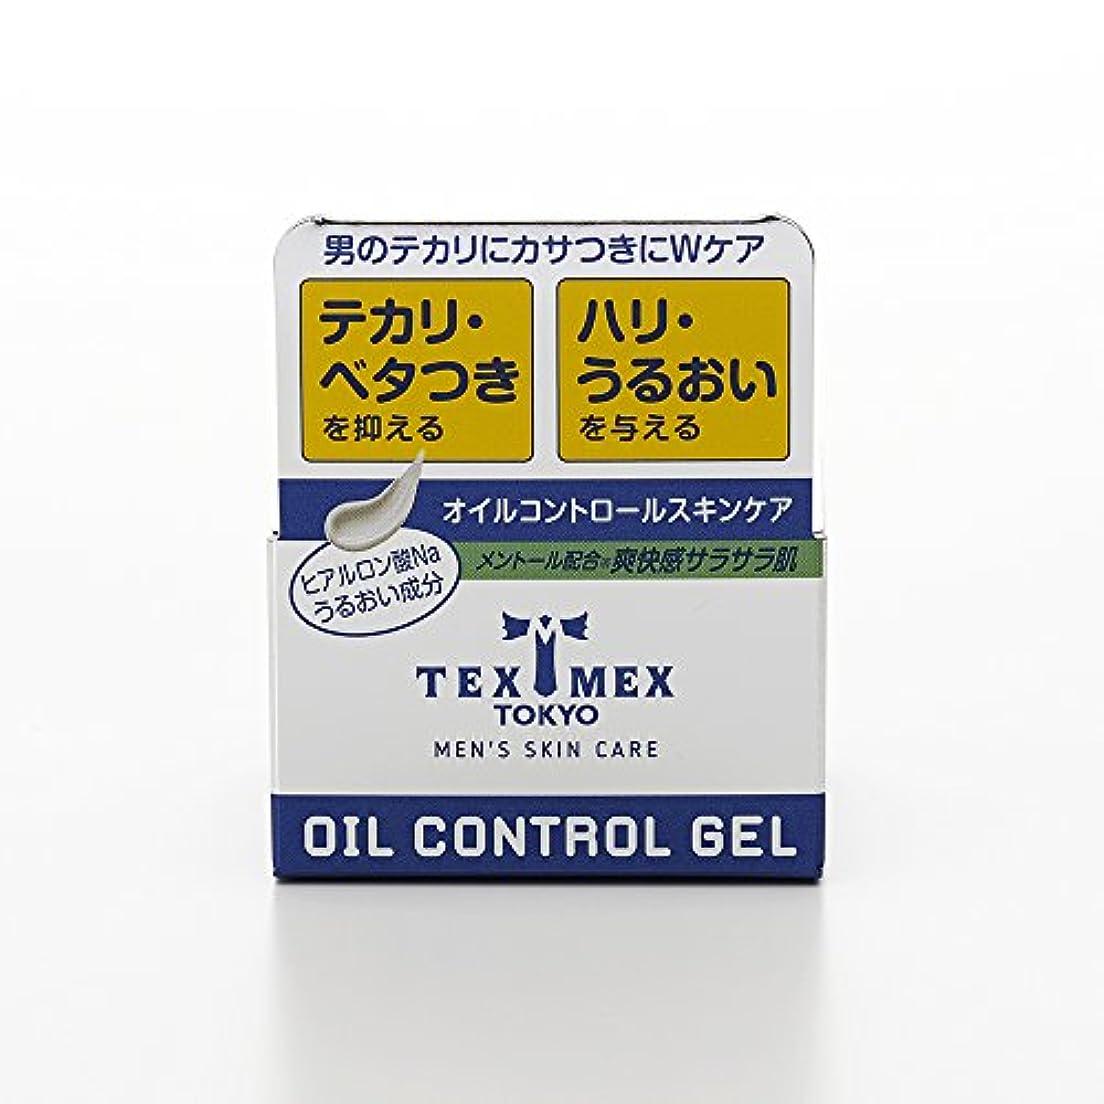 確保する経済ちょっと待ってテックスメックス オイルコントロールジェル 24g (テカリ防止ジェル) 【塗るだけでサラサラ肌に】